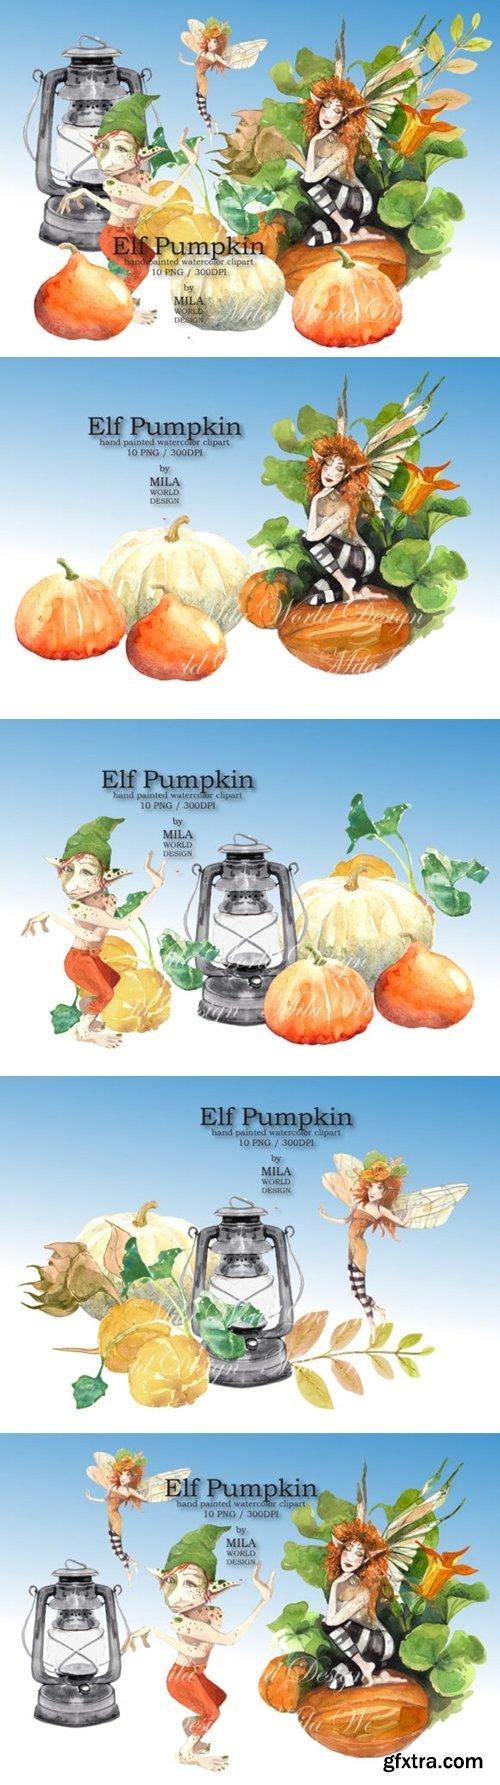 Elf Pumpkin Watercolor Clip Art 1629374